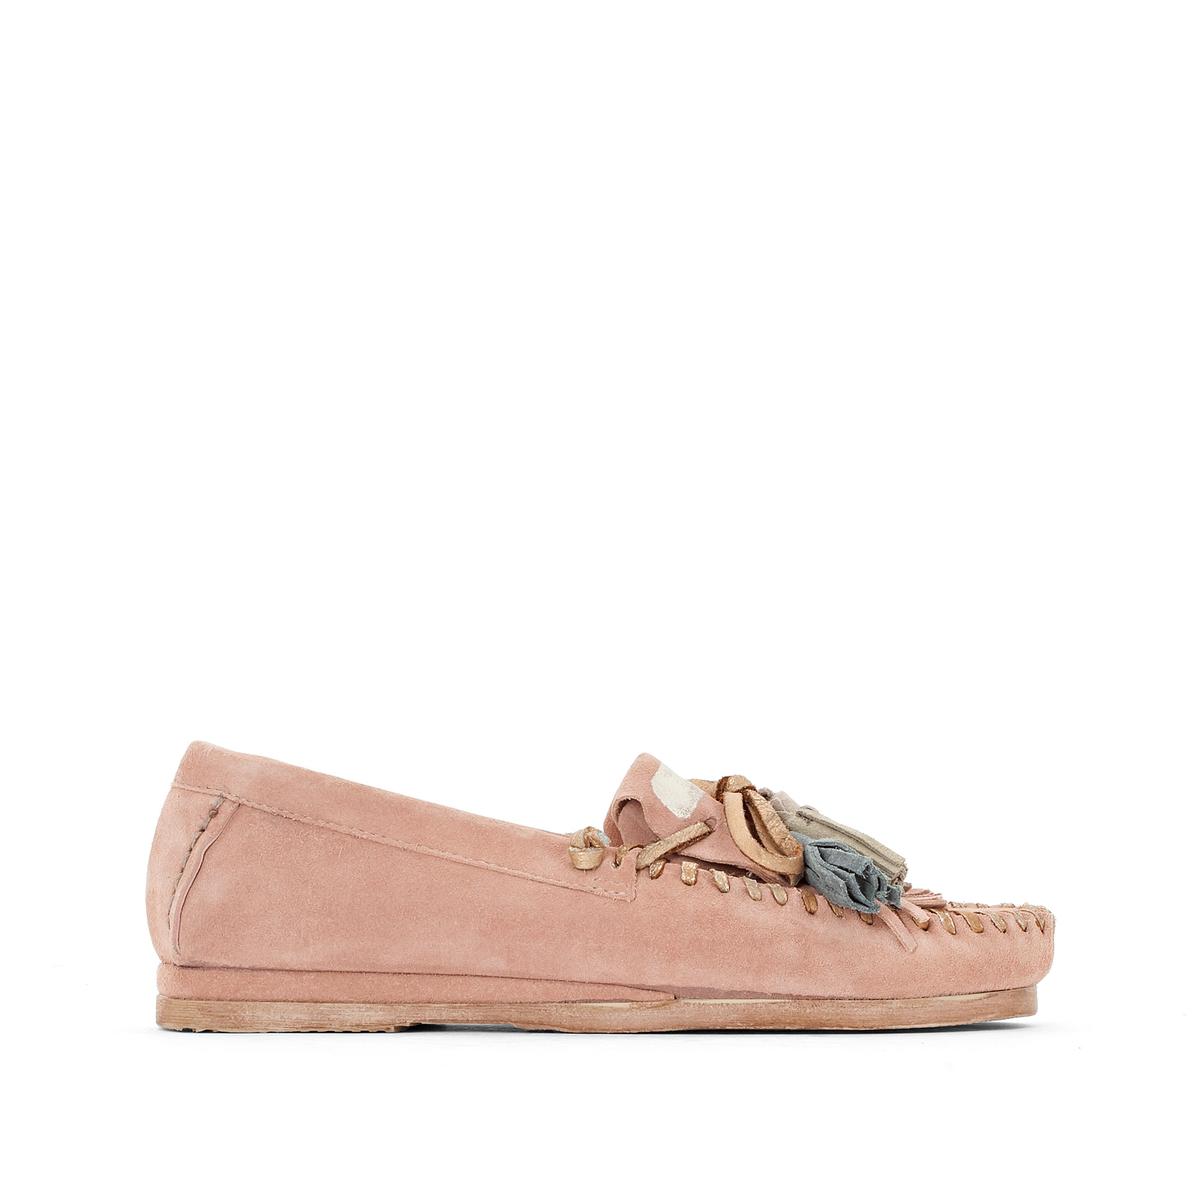 Мокасины Brigit из кожи с помпонамиВерх: кожа.Подкладка: кожа.  Стелька: кожа.  Подошва: резина.Высота каблука: 1,5 см.Форма каблука: плоский каблук.Мысок: закругленный.Застежка: без застежки.<br><br>Цвет: розовая пудра